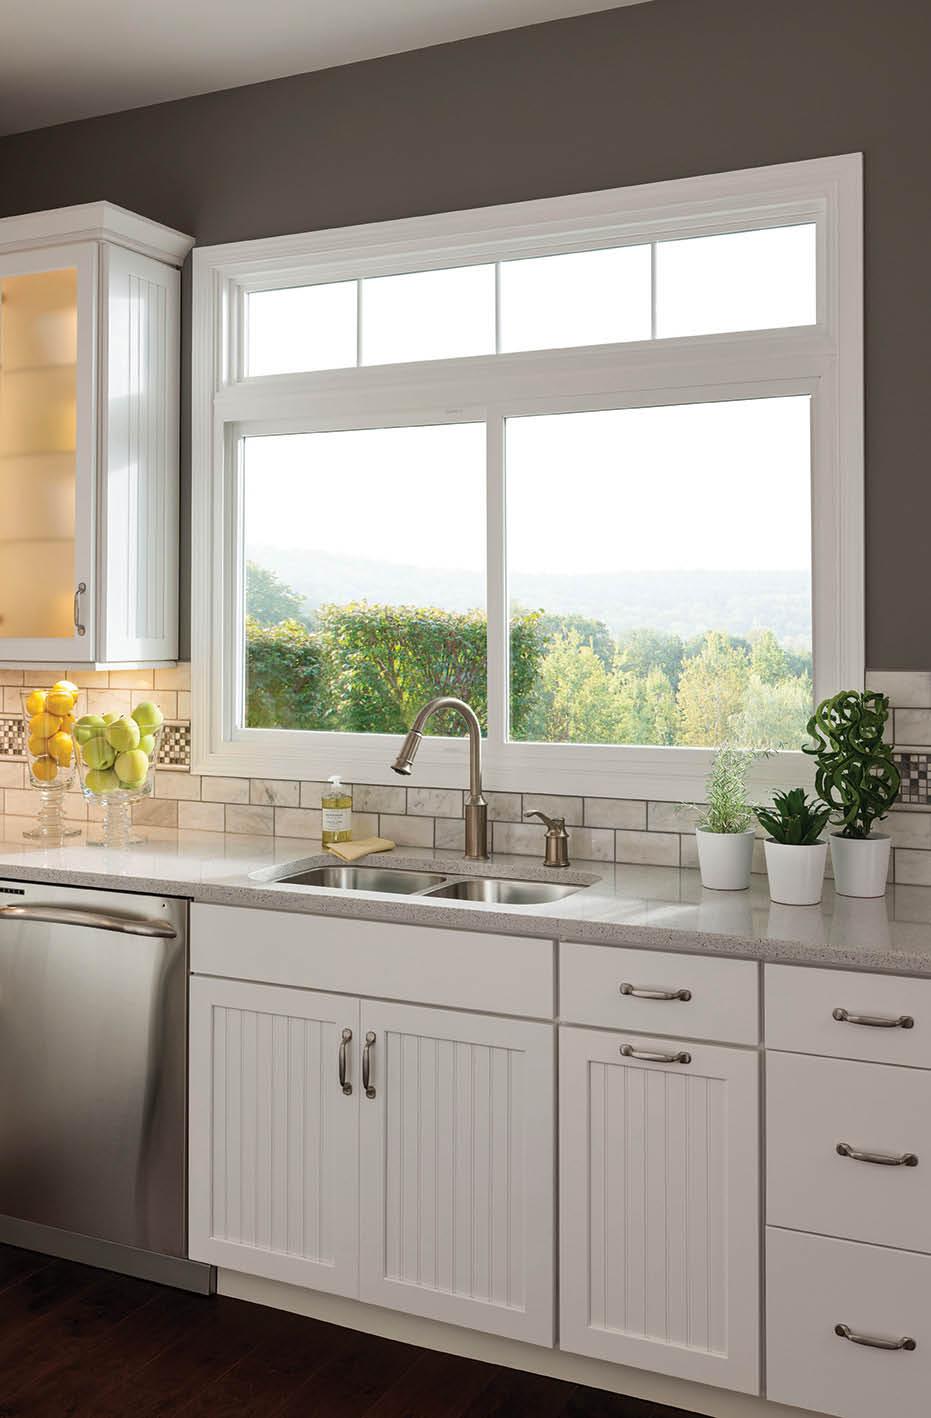 Sliding windows installed in kitchen